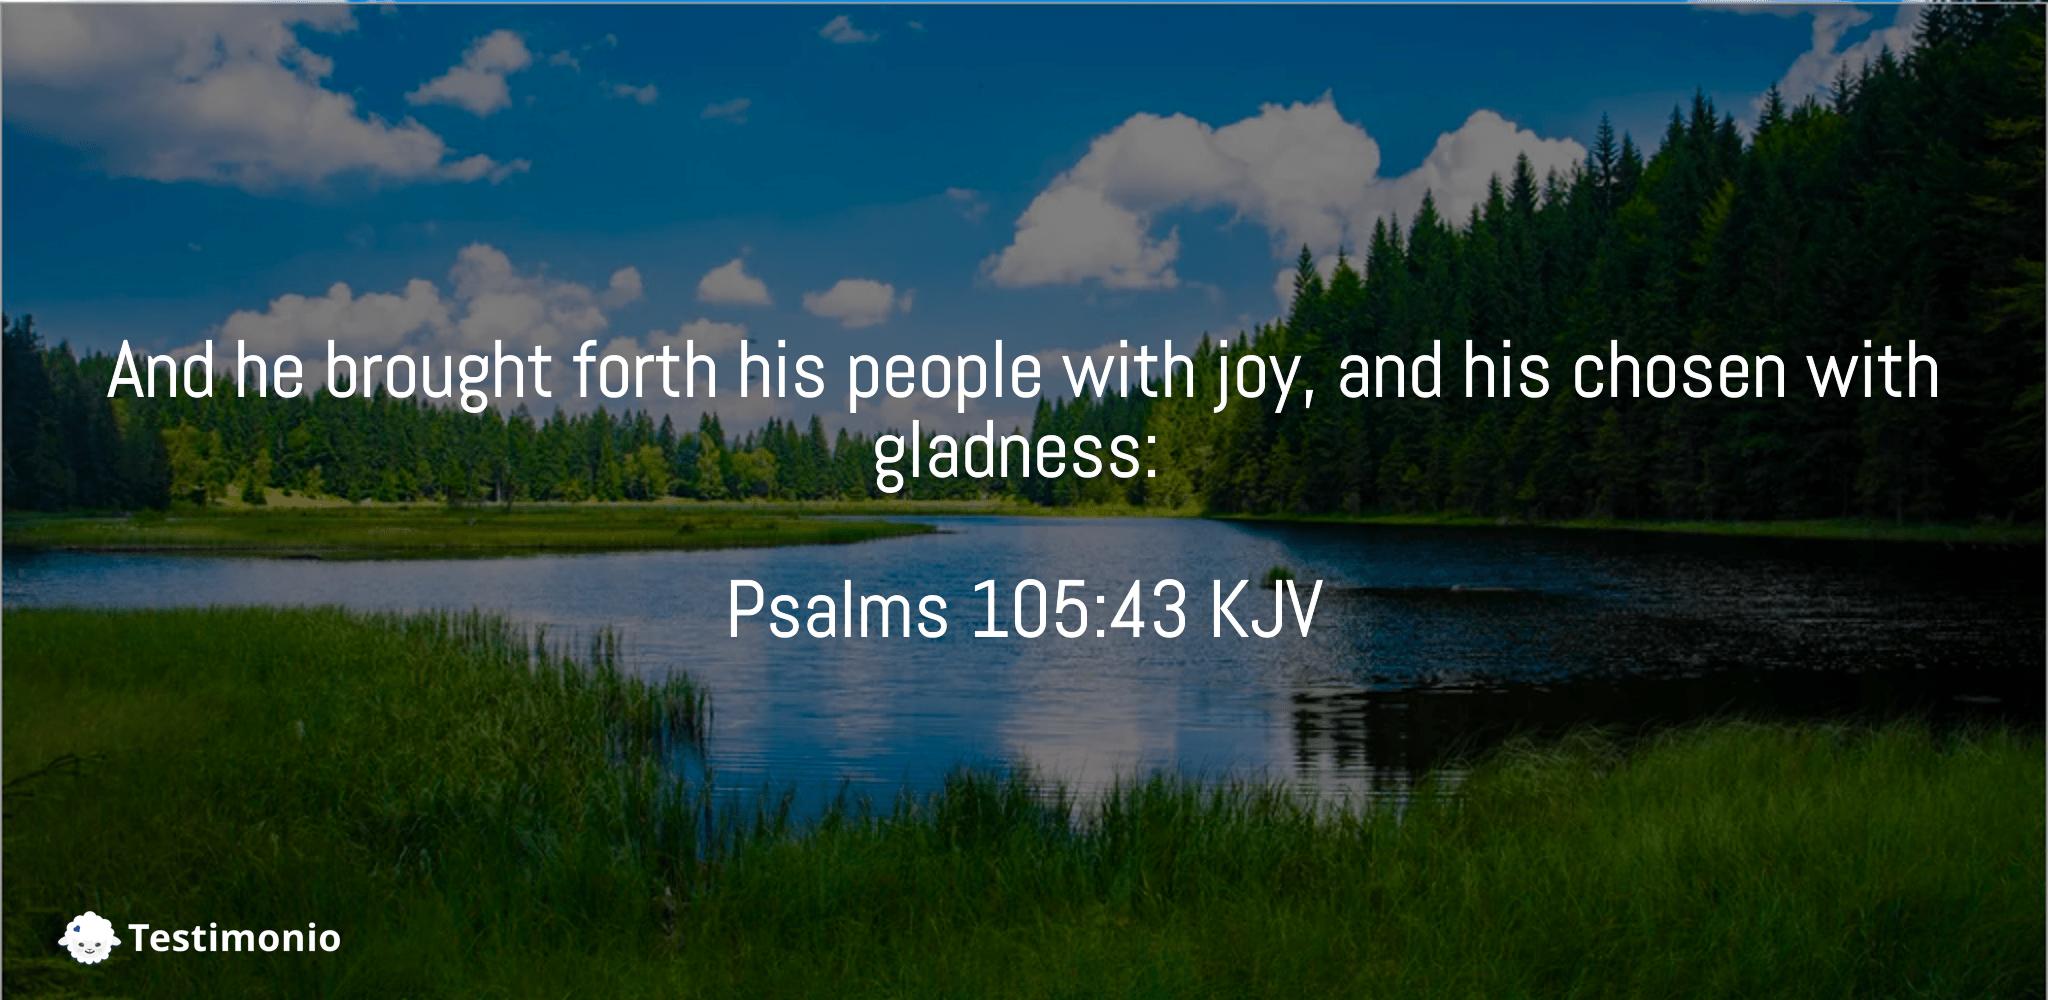 Psalms 105:43